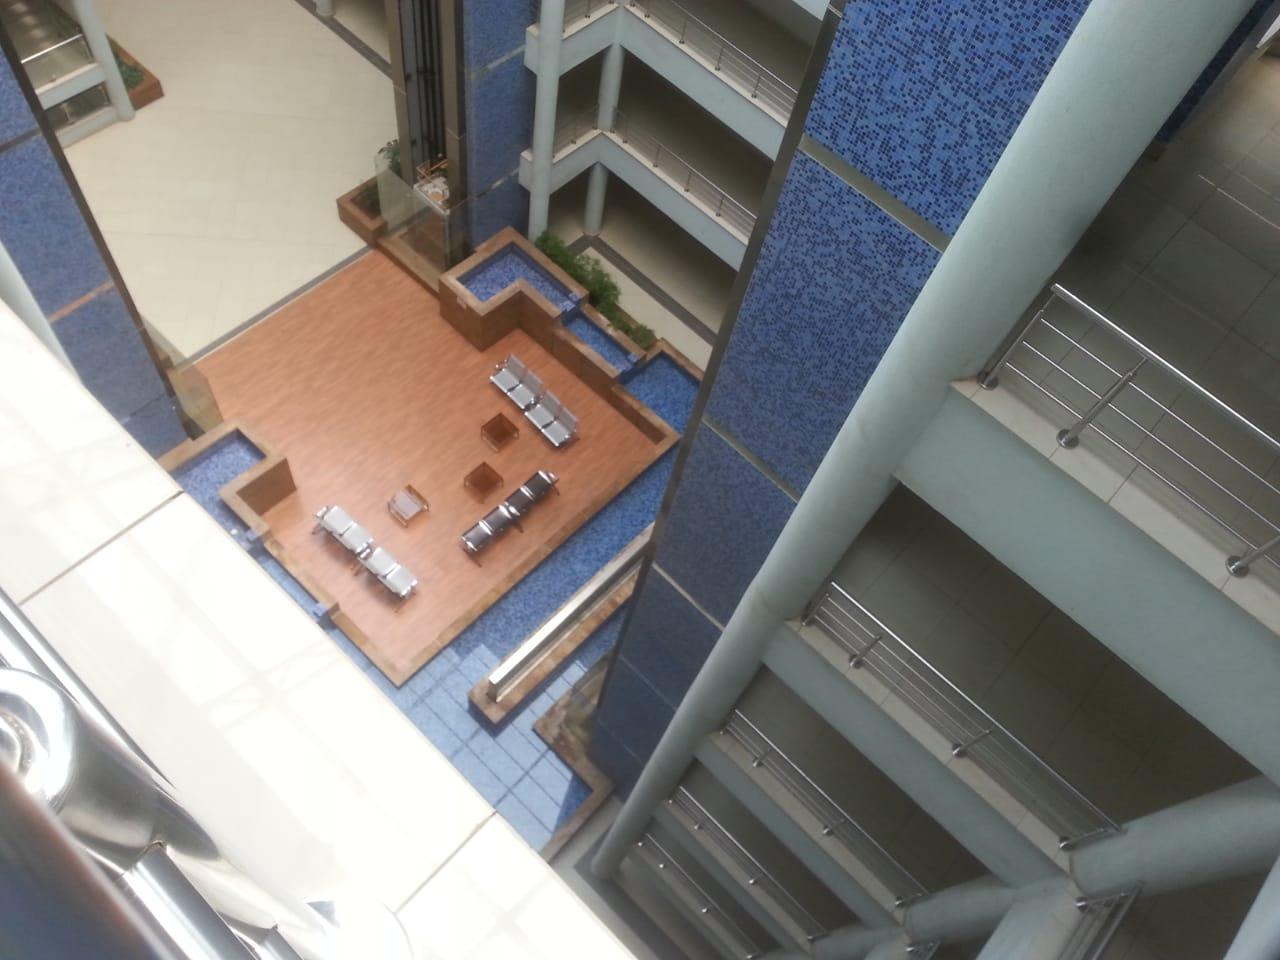 2 bedroom apartment for rental in kileleshw